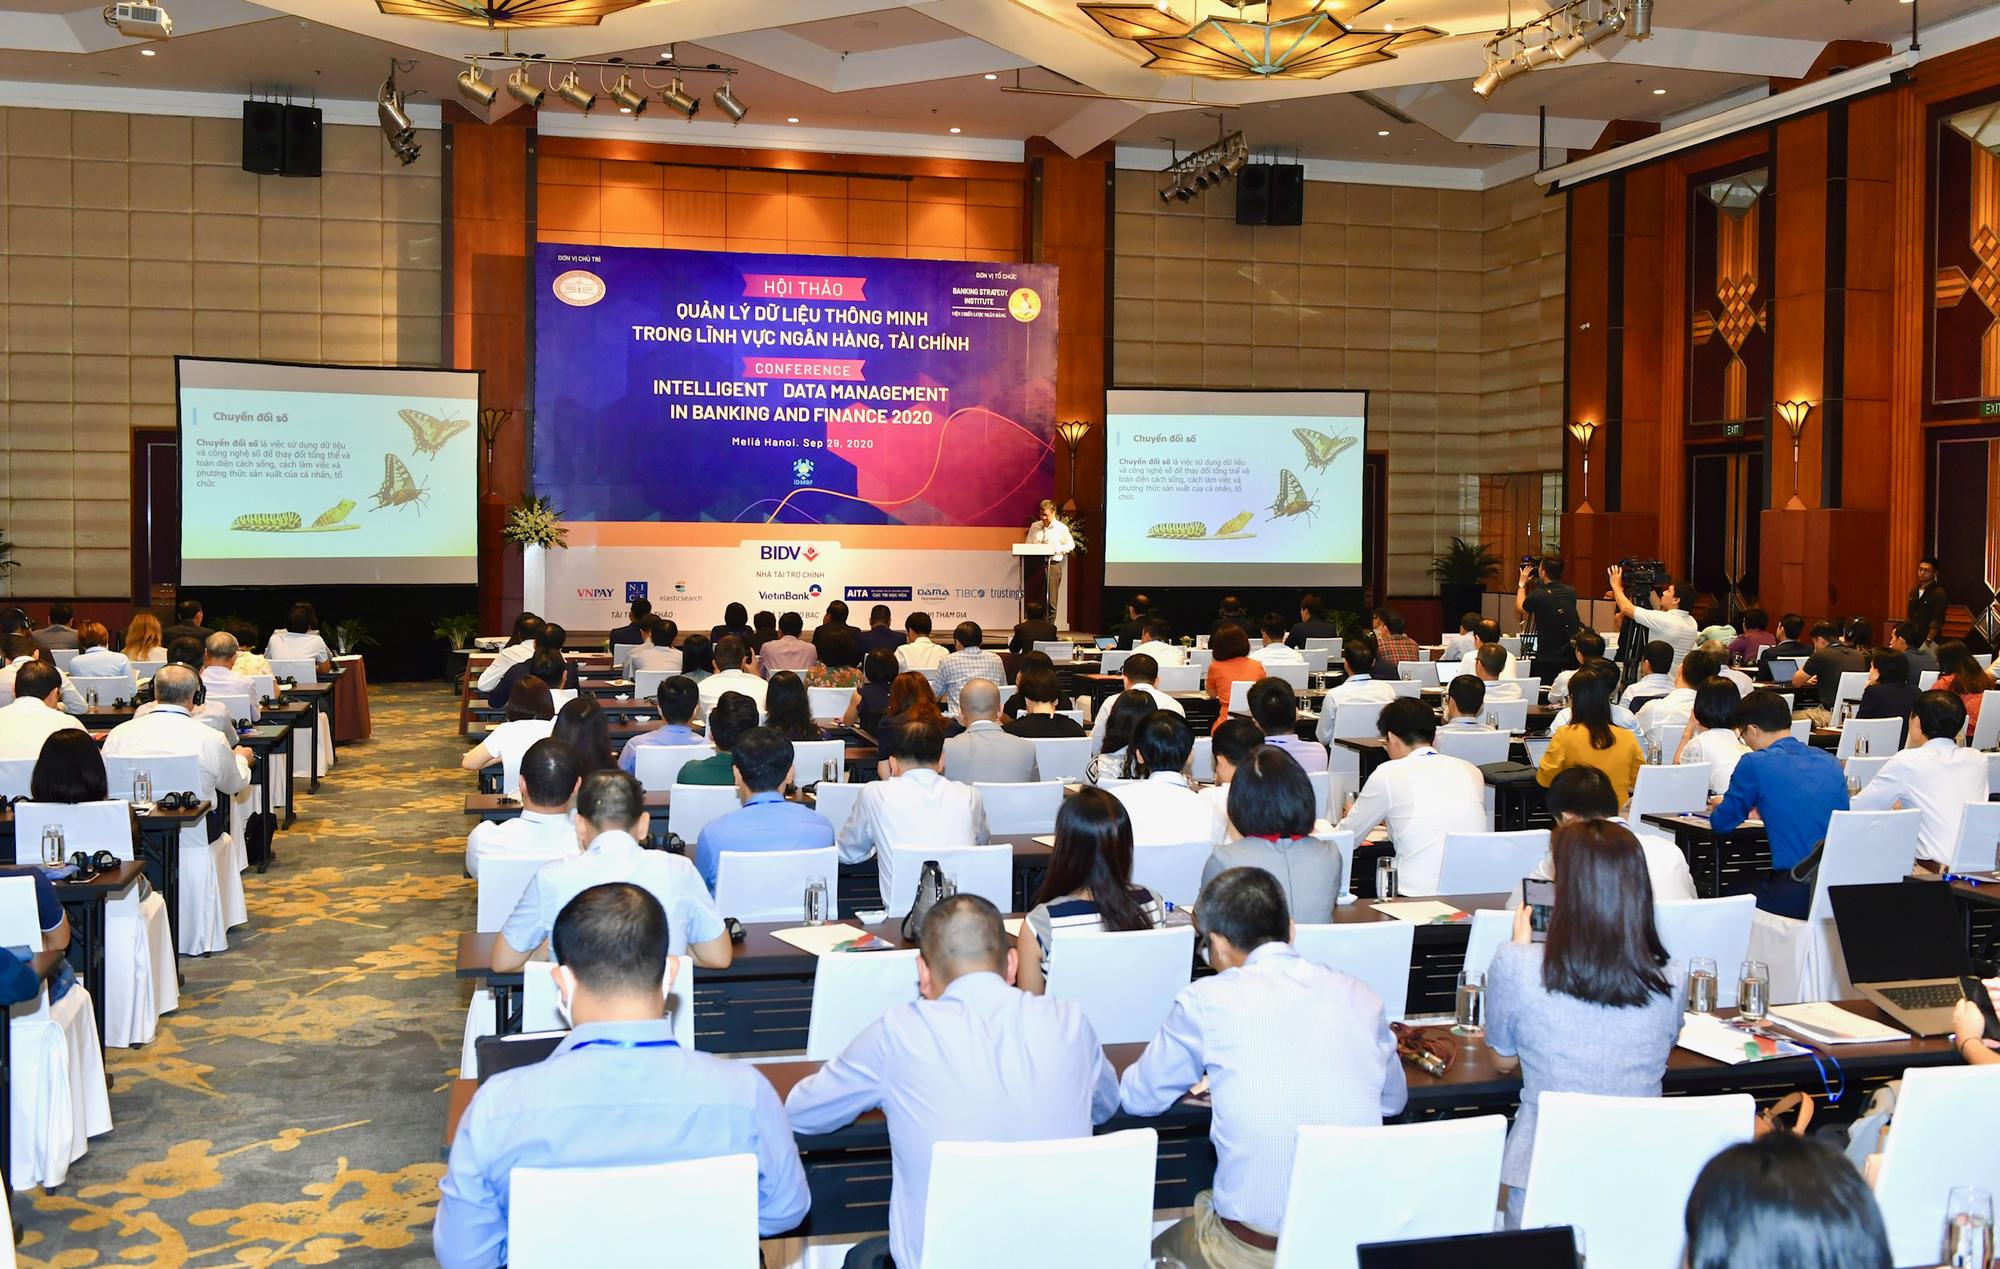 Phó Thống đốc Nguyễn Kim Anh: Ưu thế thuộc về người làm chủ các nguồn dữ liệu thông minh - Ảnh 1.